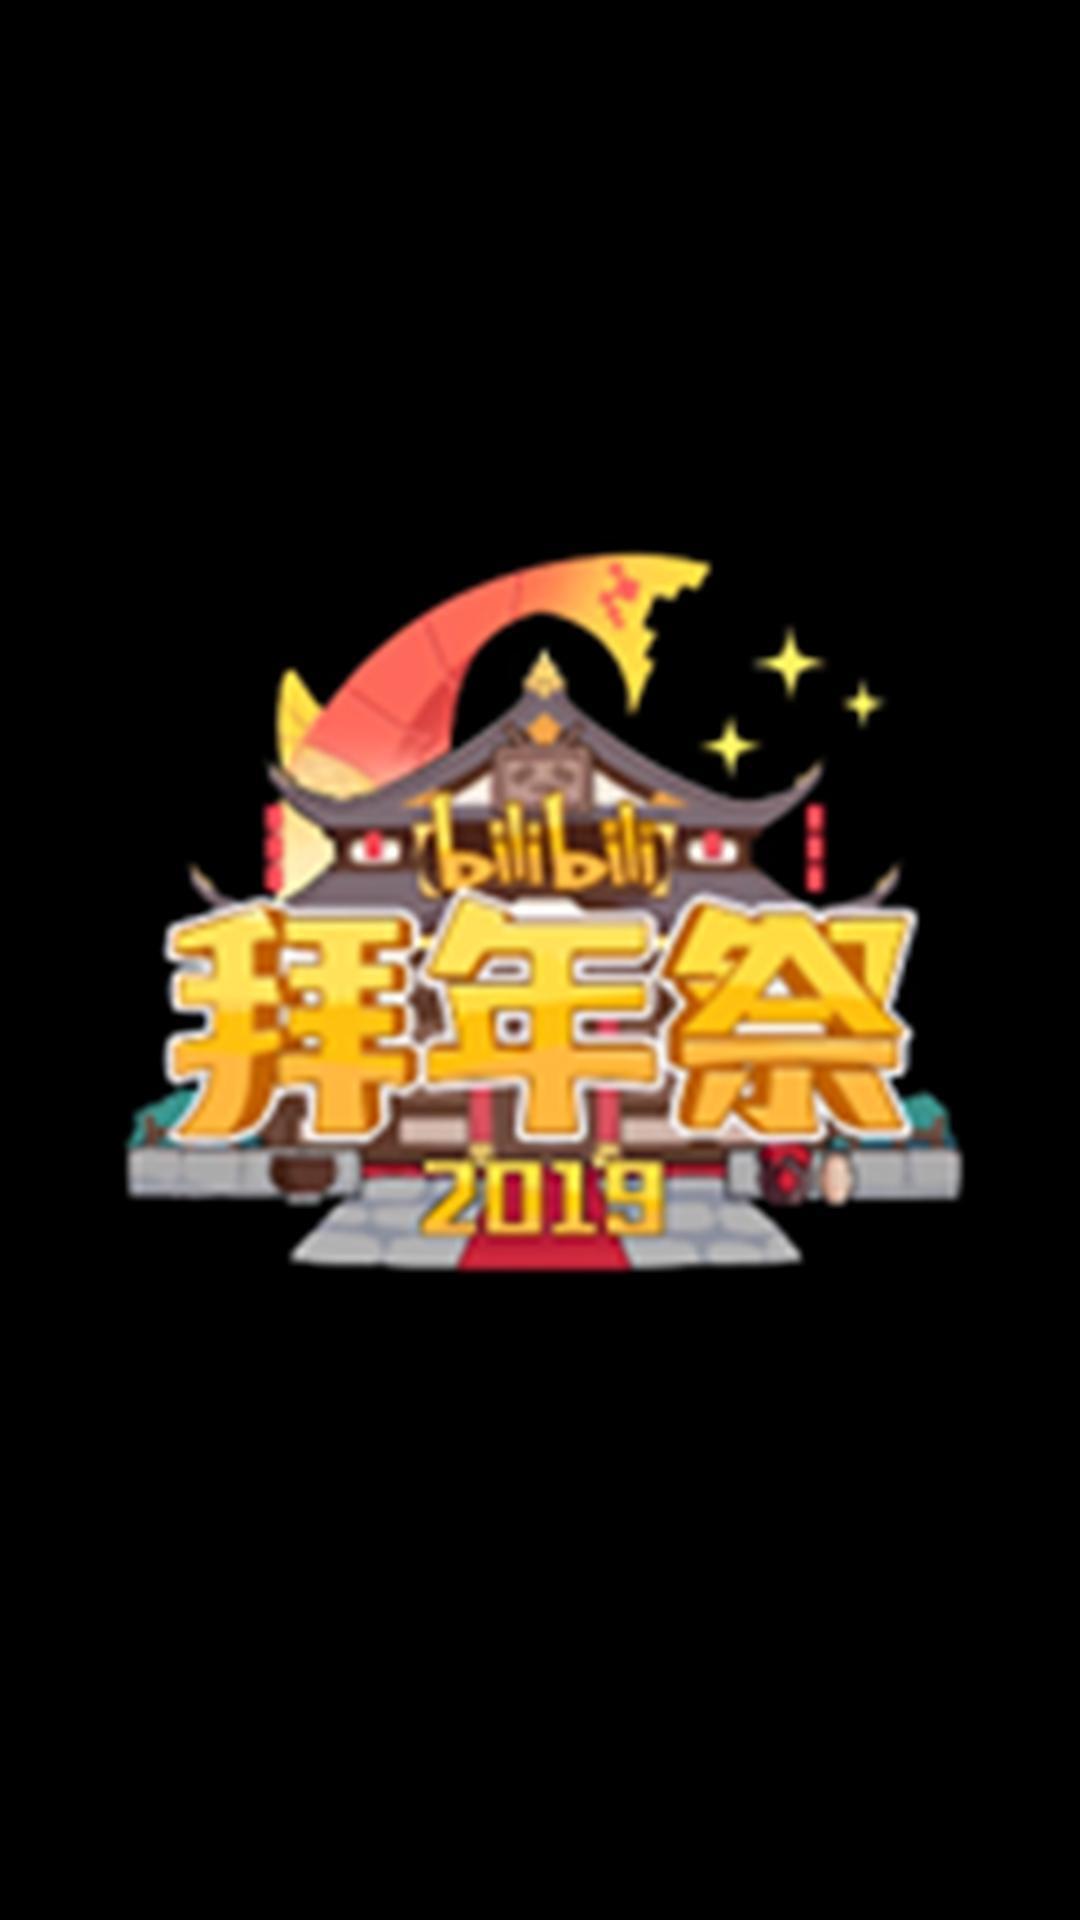 哔哩哔哩2019拜年祭